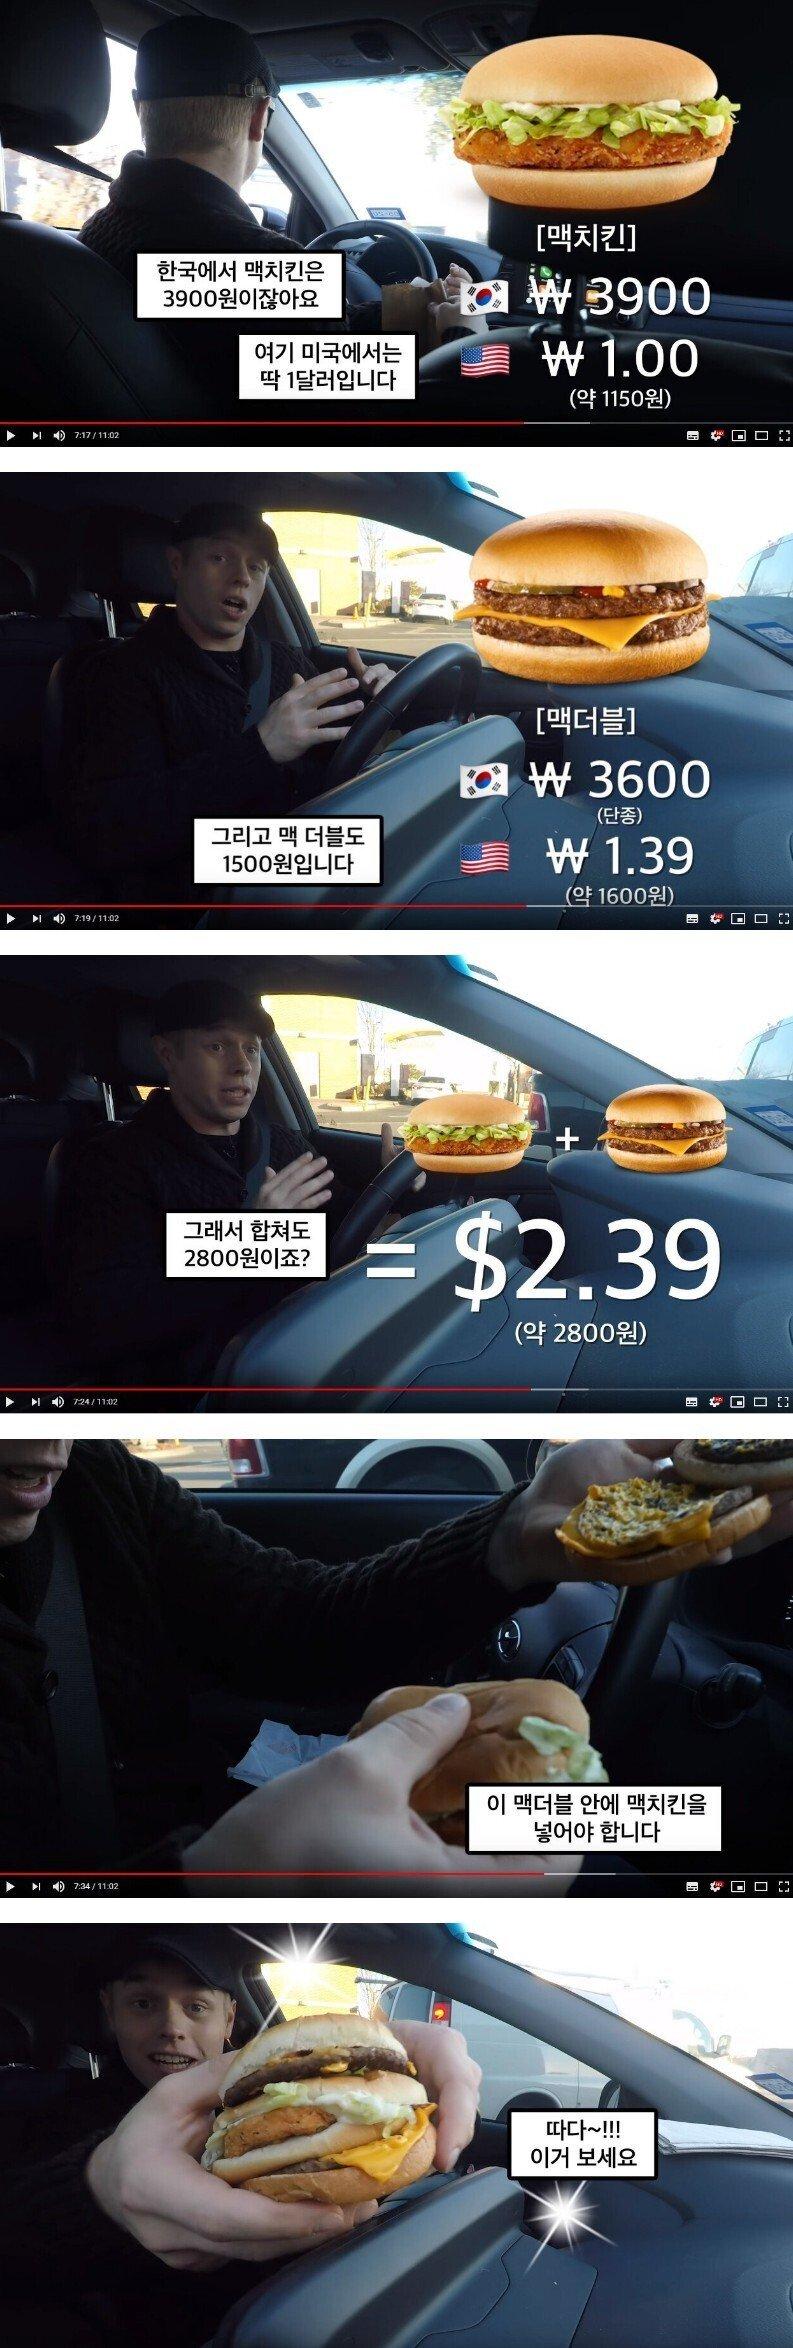 미국인이 햄버거를 먹는법